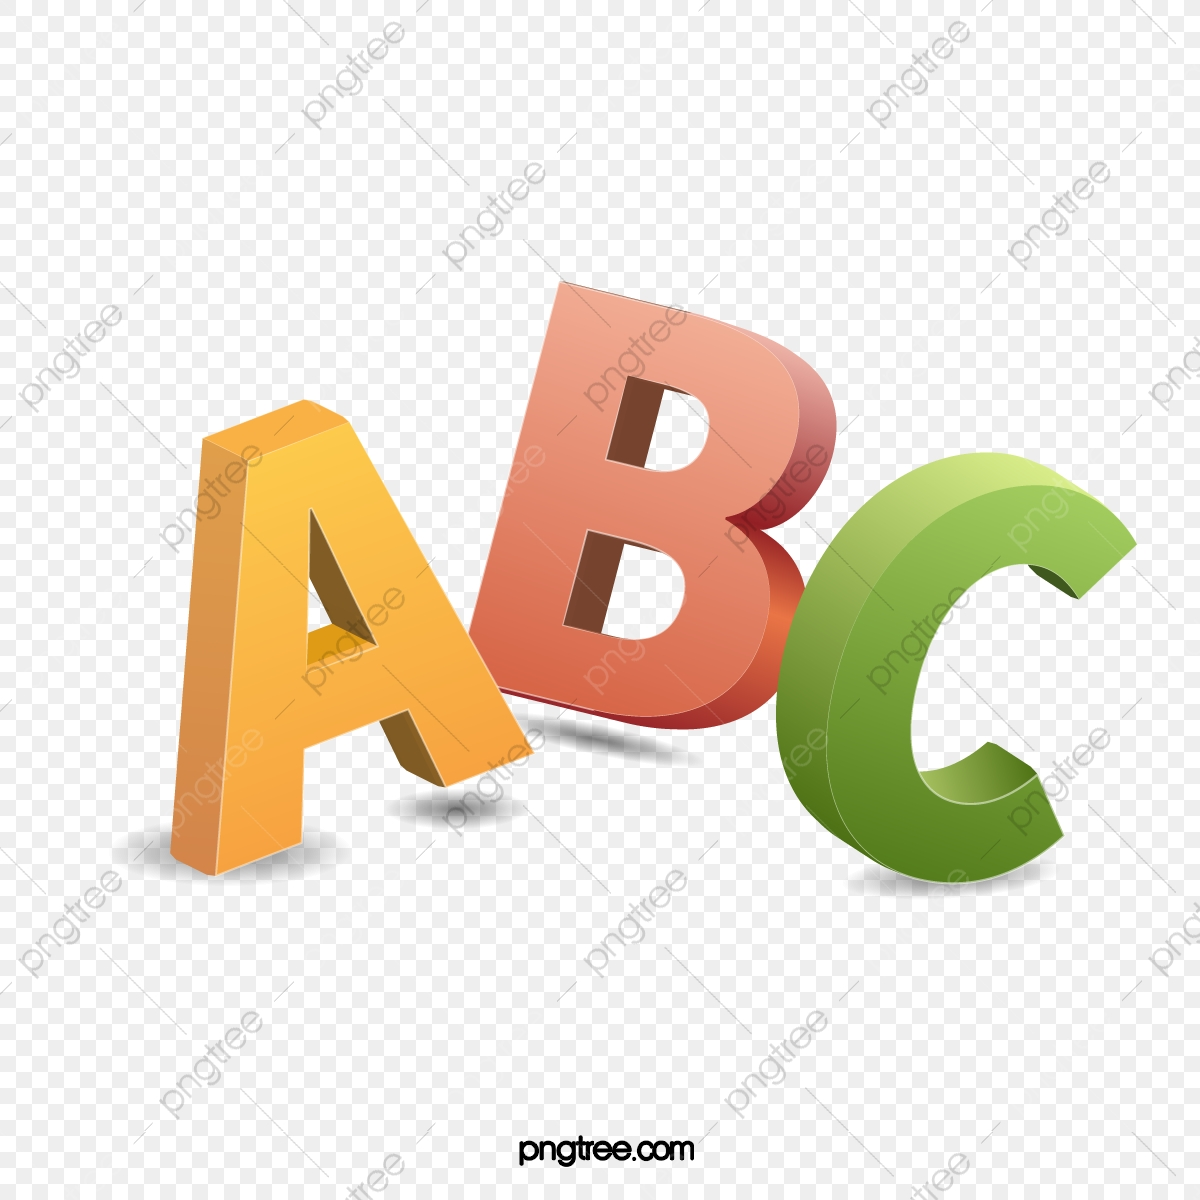 حروف انجليزيه Png المتجهات Psd قصاصة فنية تحميل مجاني Pngtree